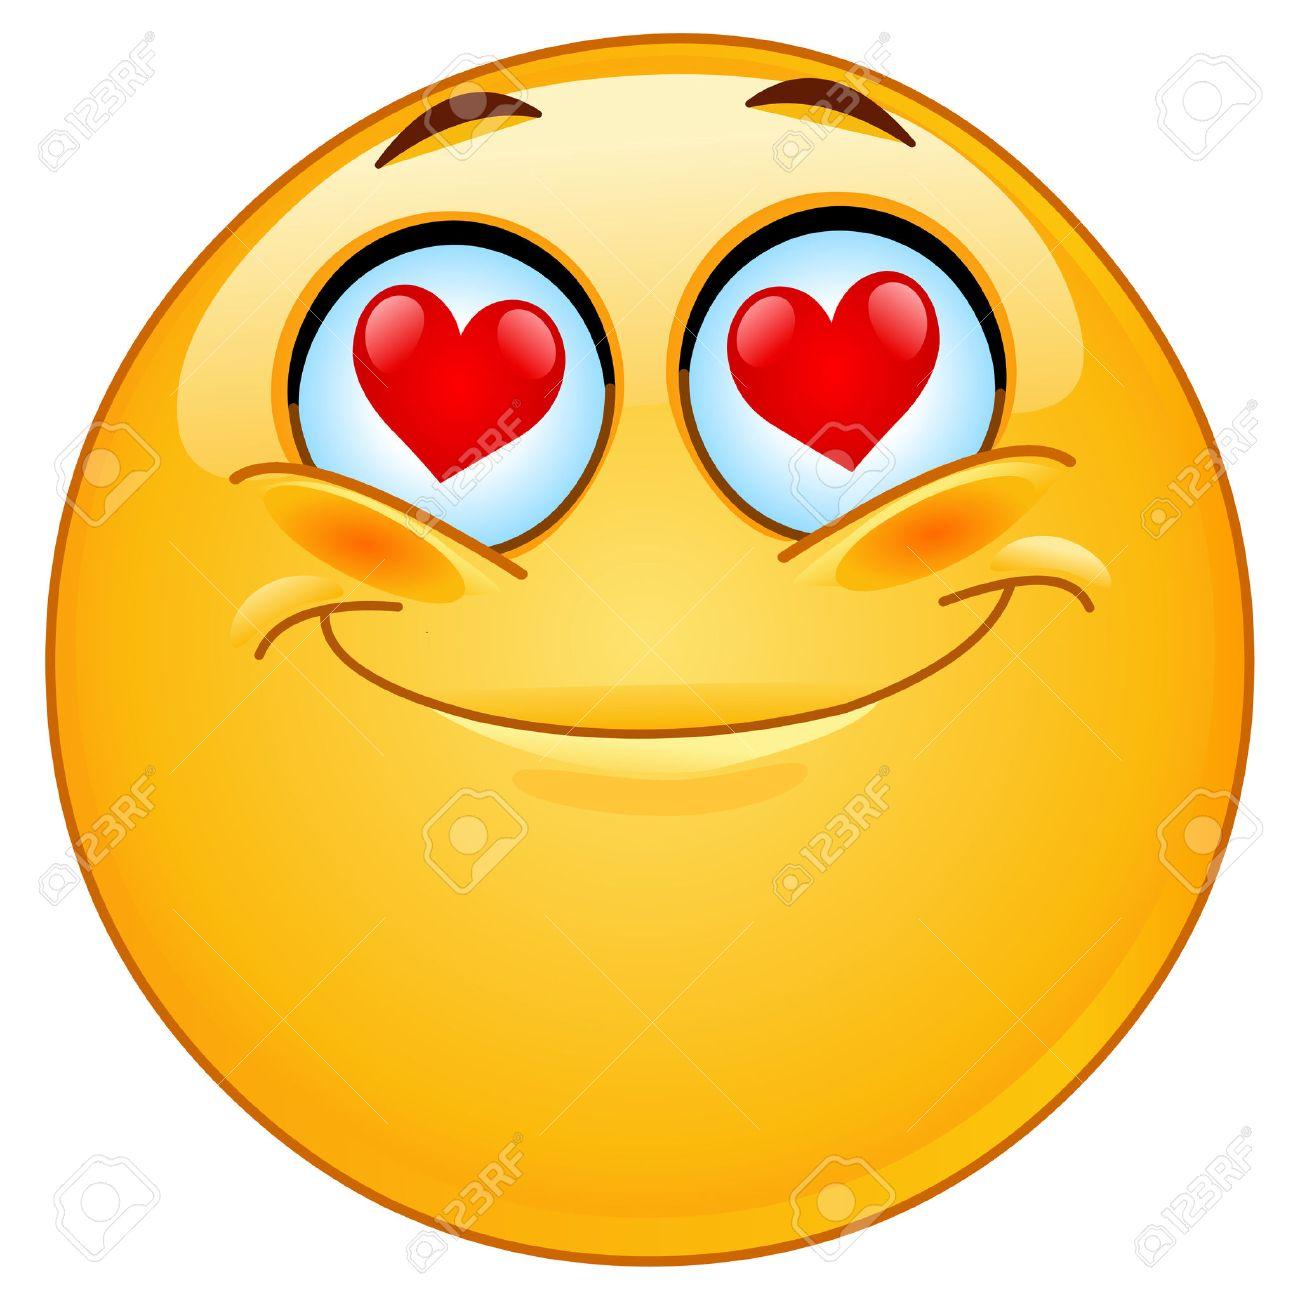 8598200-In-love-emoticon-Stock-Vector-sm